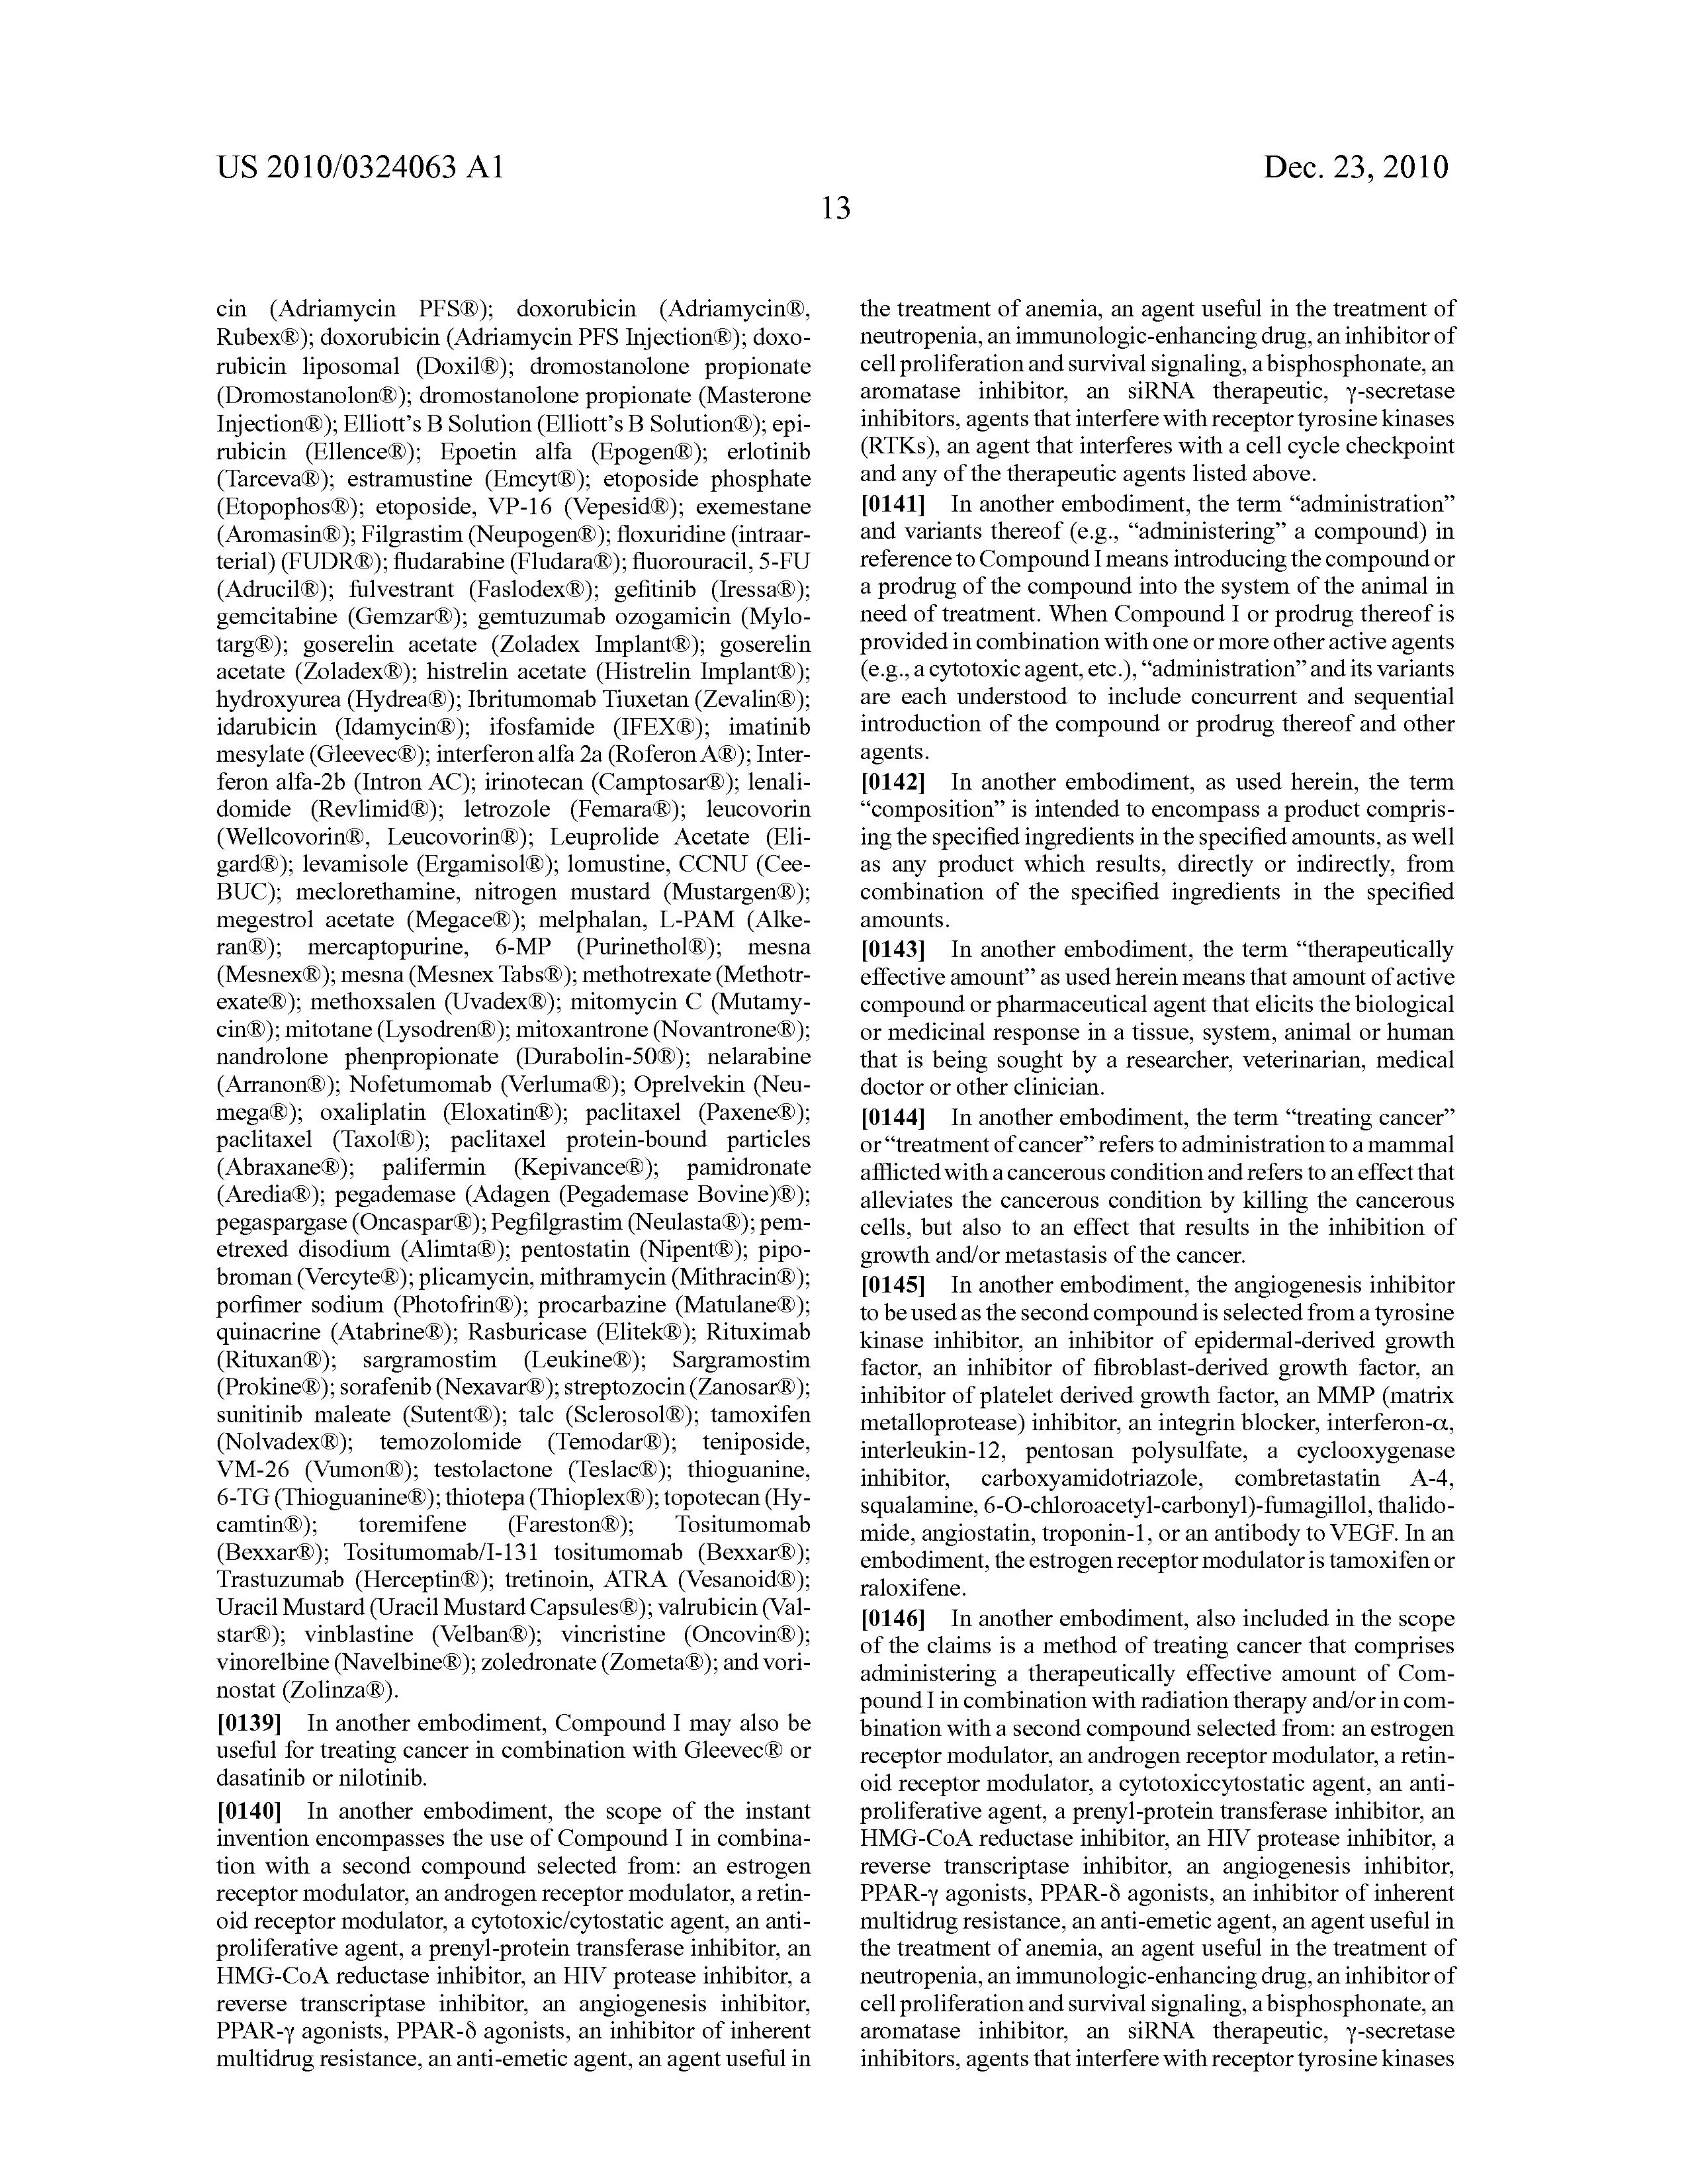 plavix vs clopidogrel